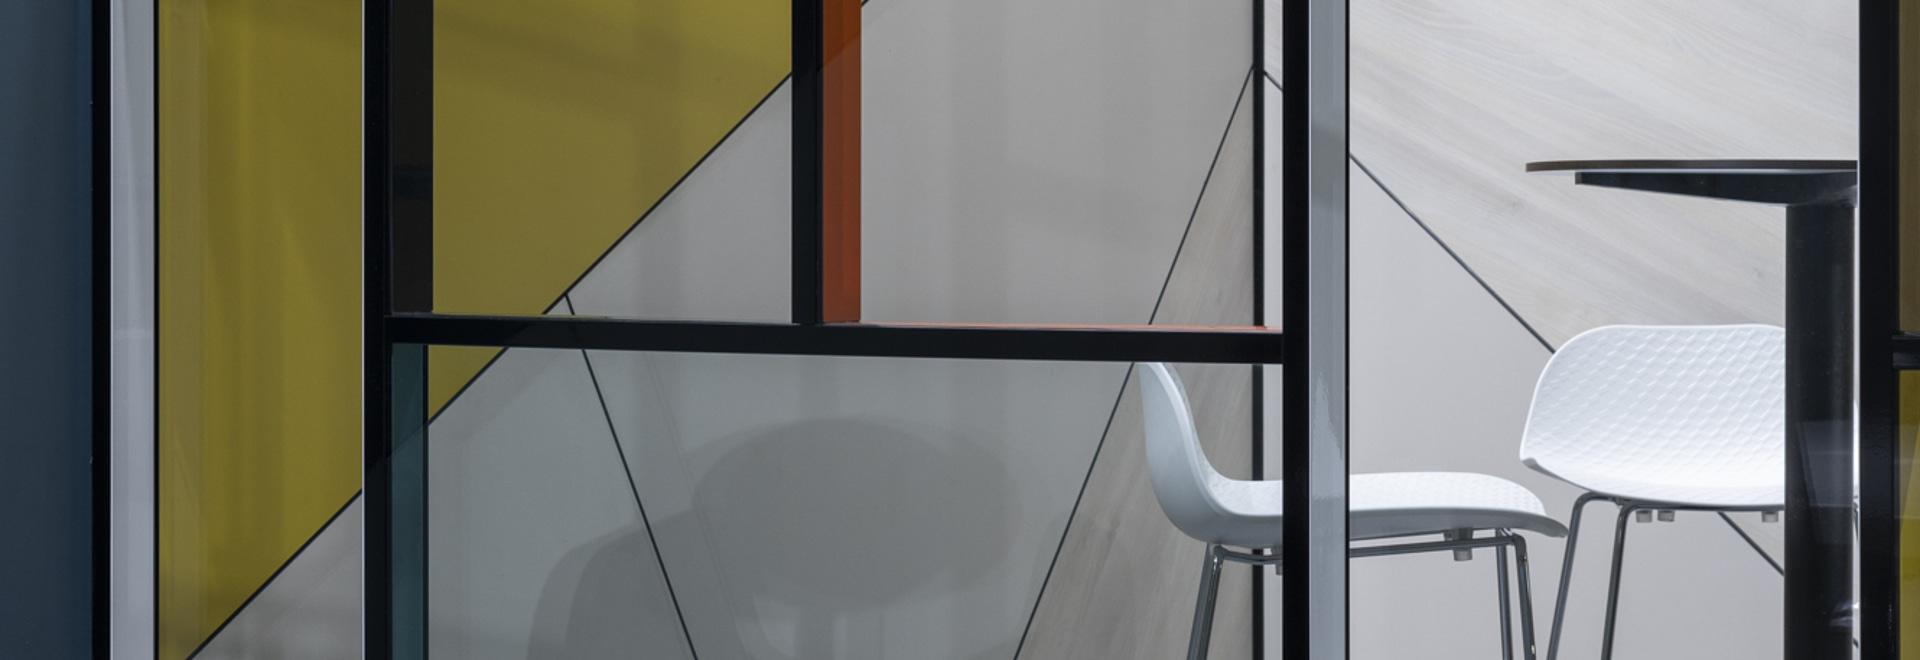 Flat SET & Piet Mondrian